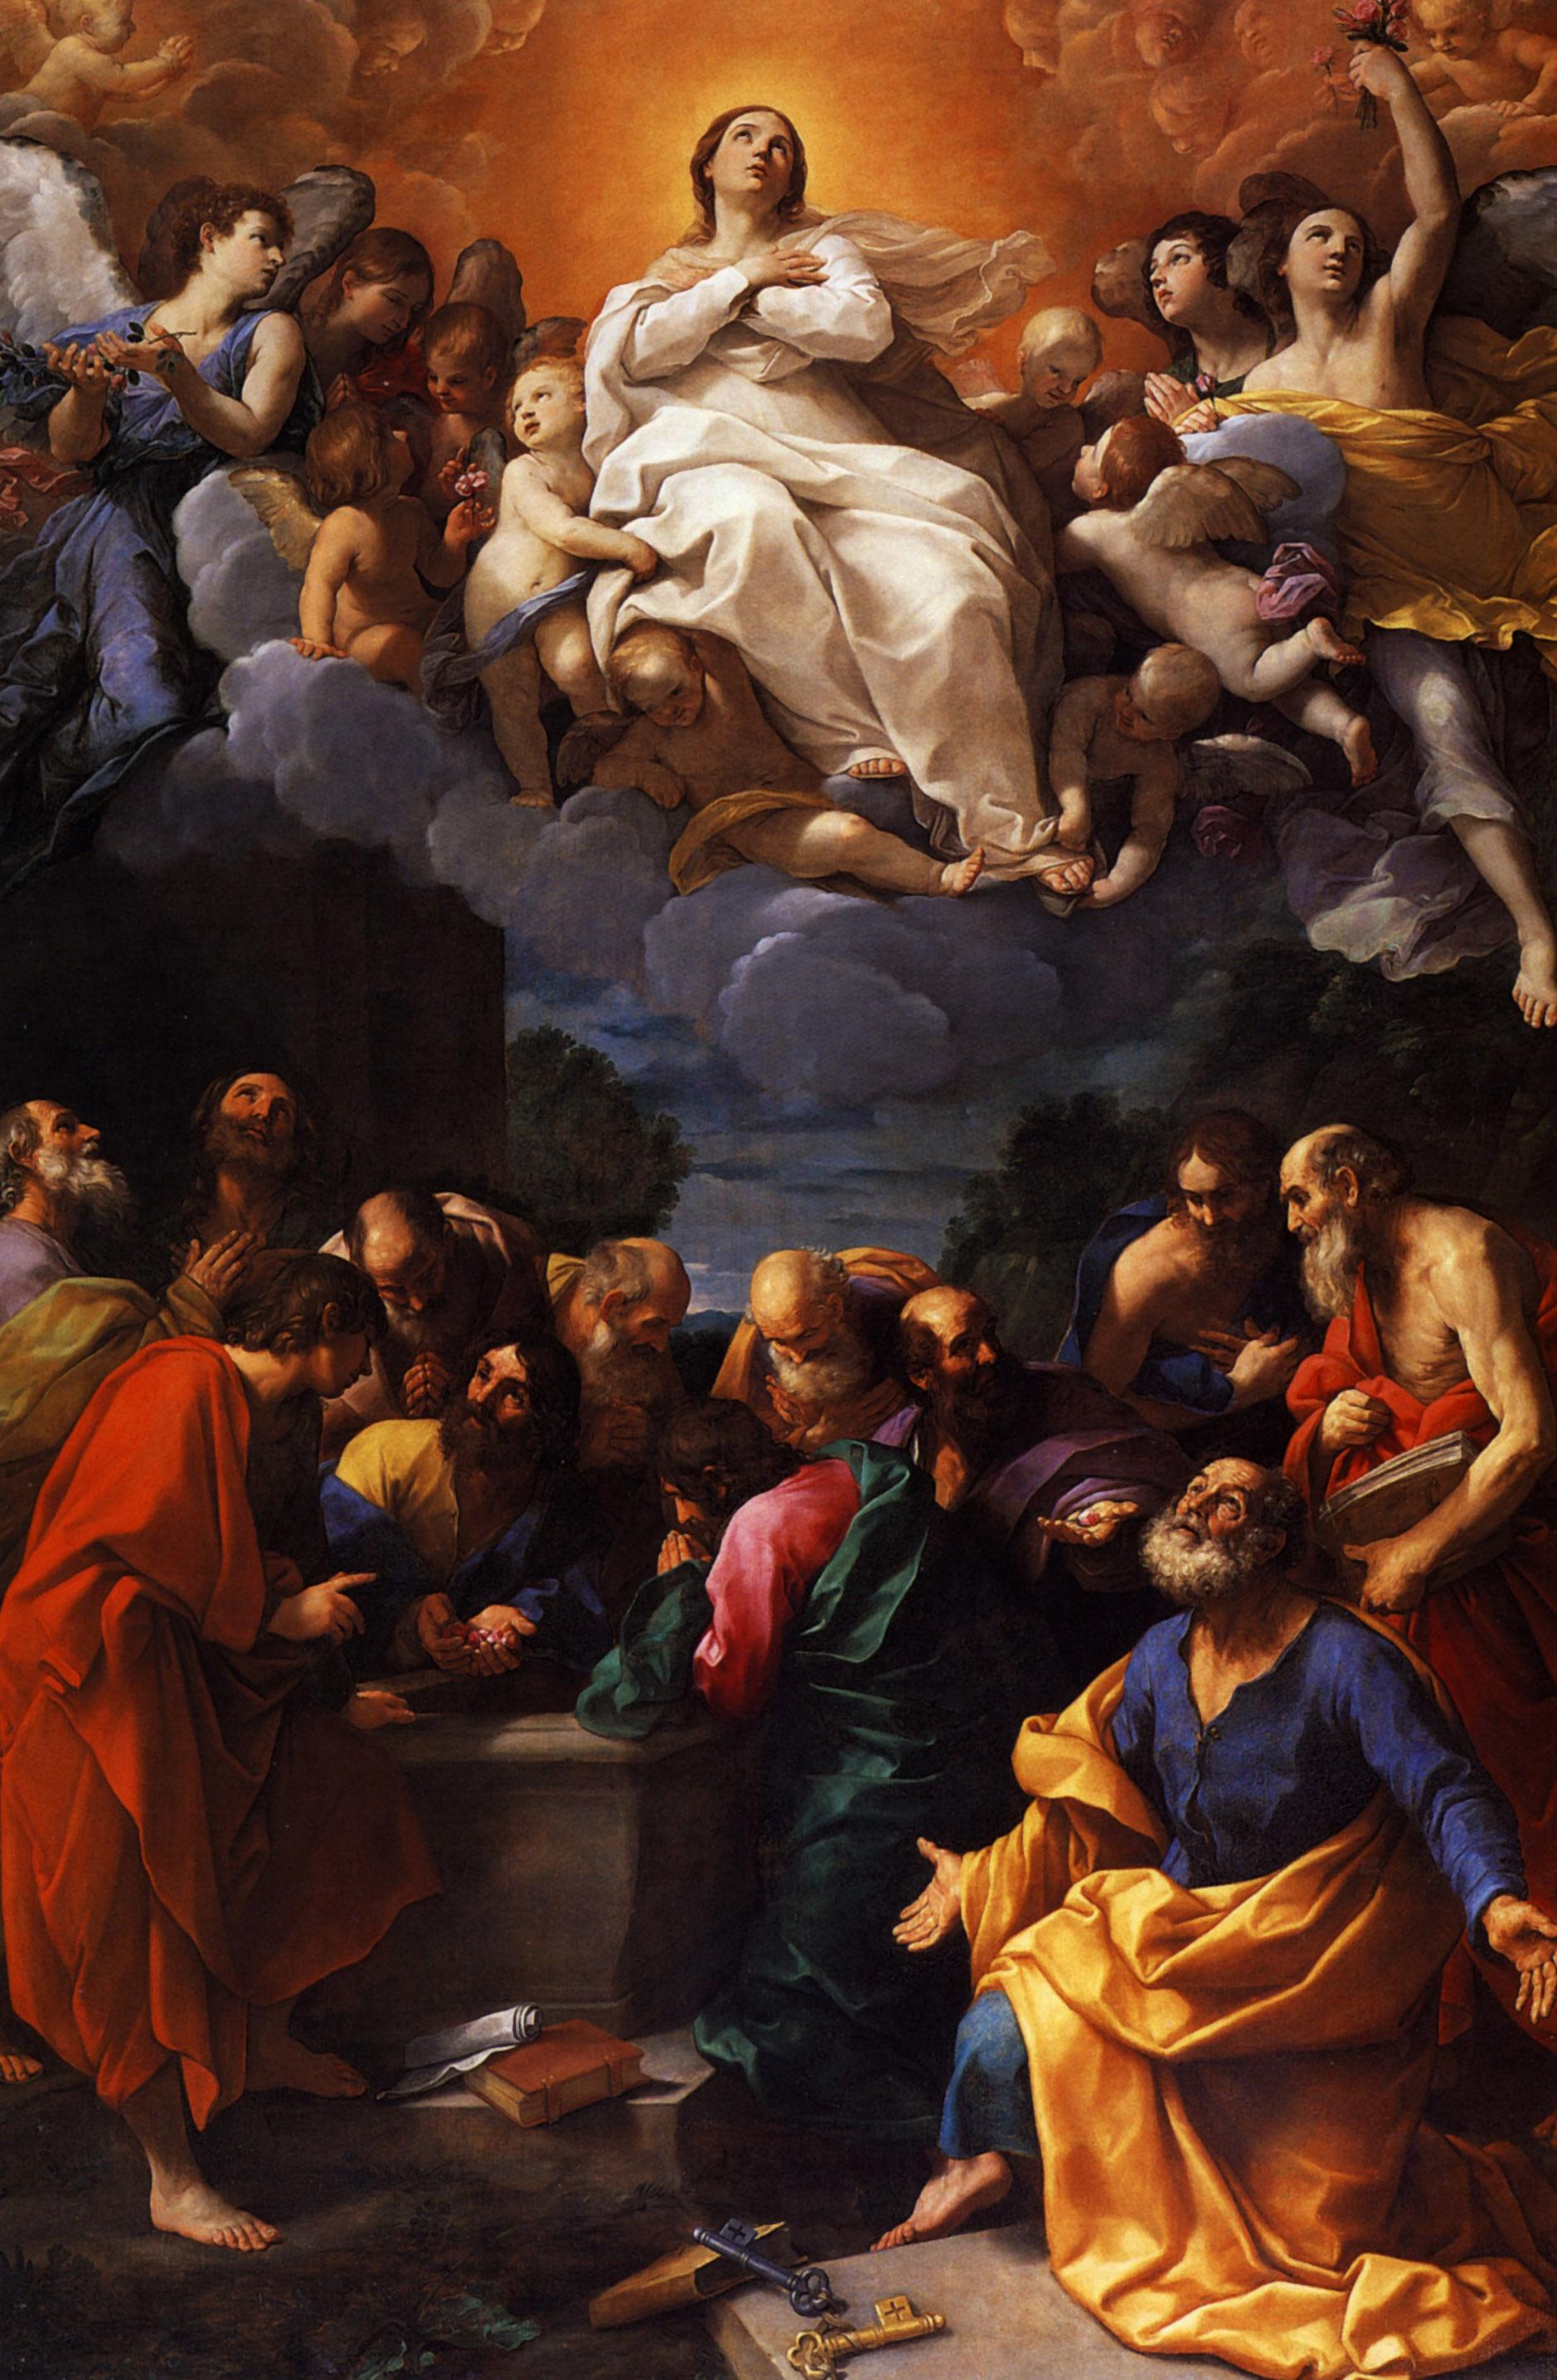 Guido Reni, Assunzione di Maria Vergine, 1615-1620, Chiesa di S.Ambrogio, Genova